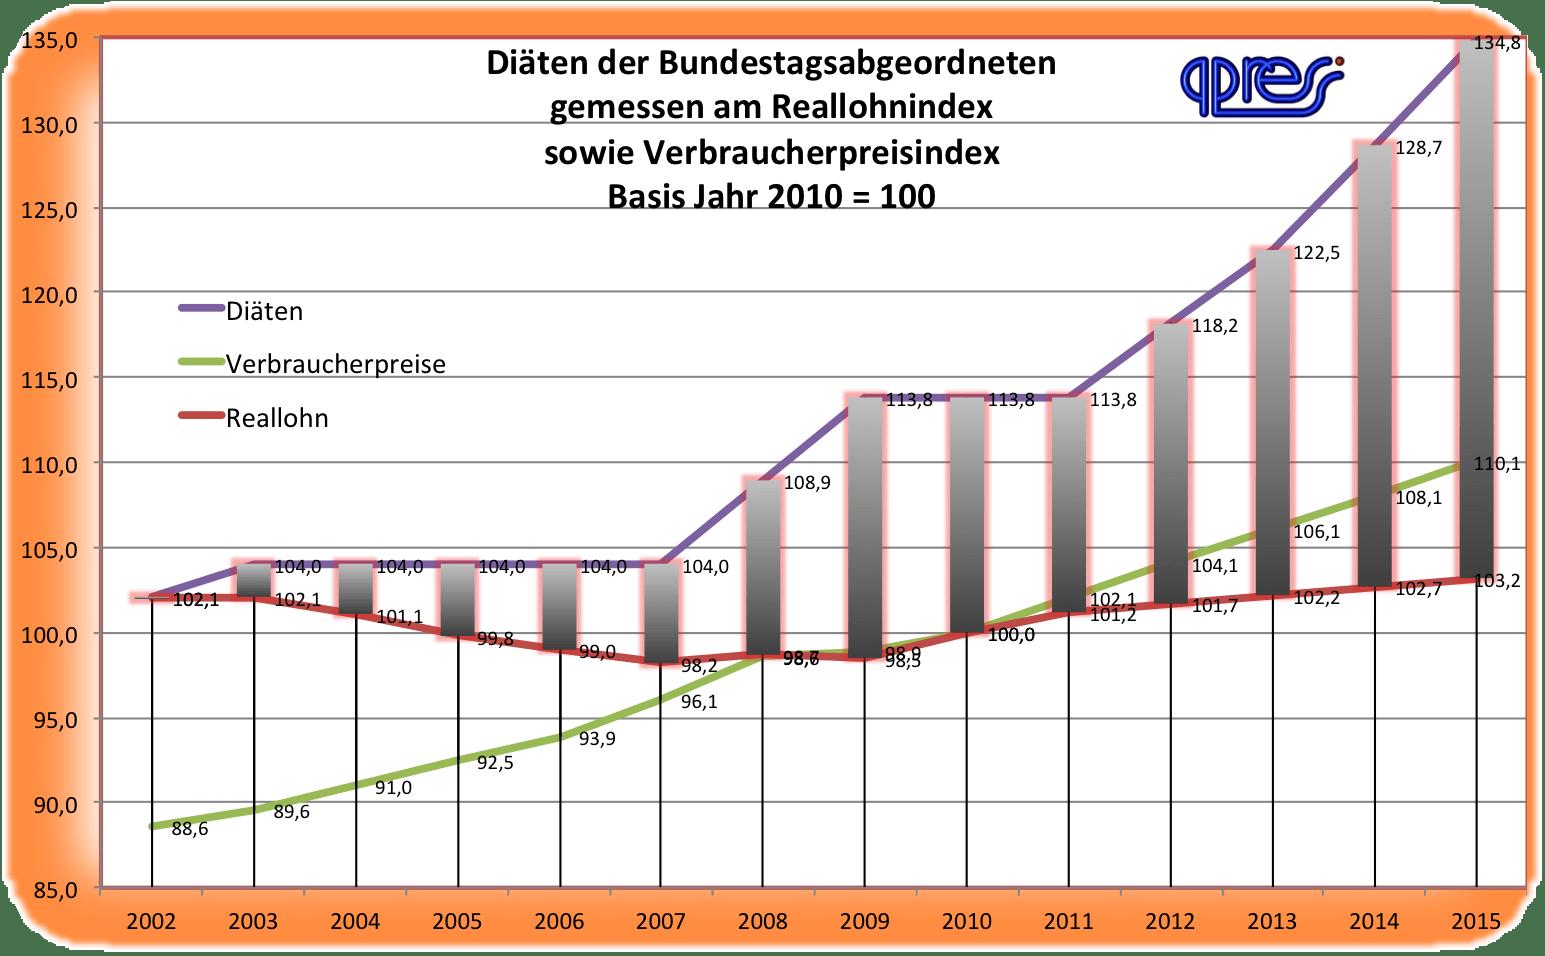 Diaeten Abgeordnetenentschaedigung 2002 bis 2015 gemessen an Reallohn und Verbraucherpreisen qpress